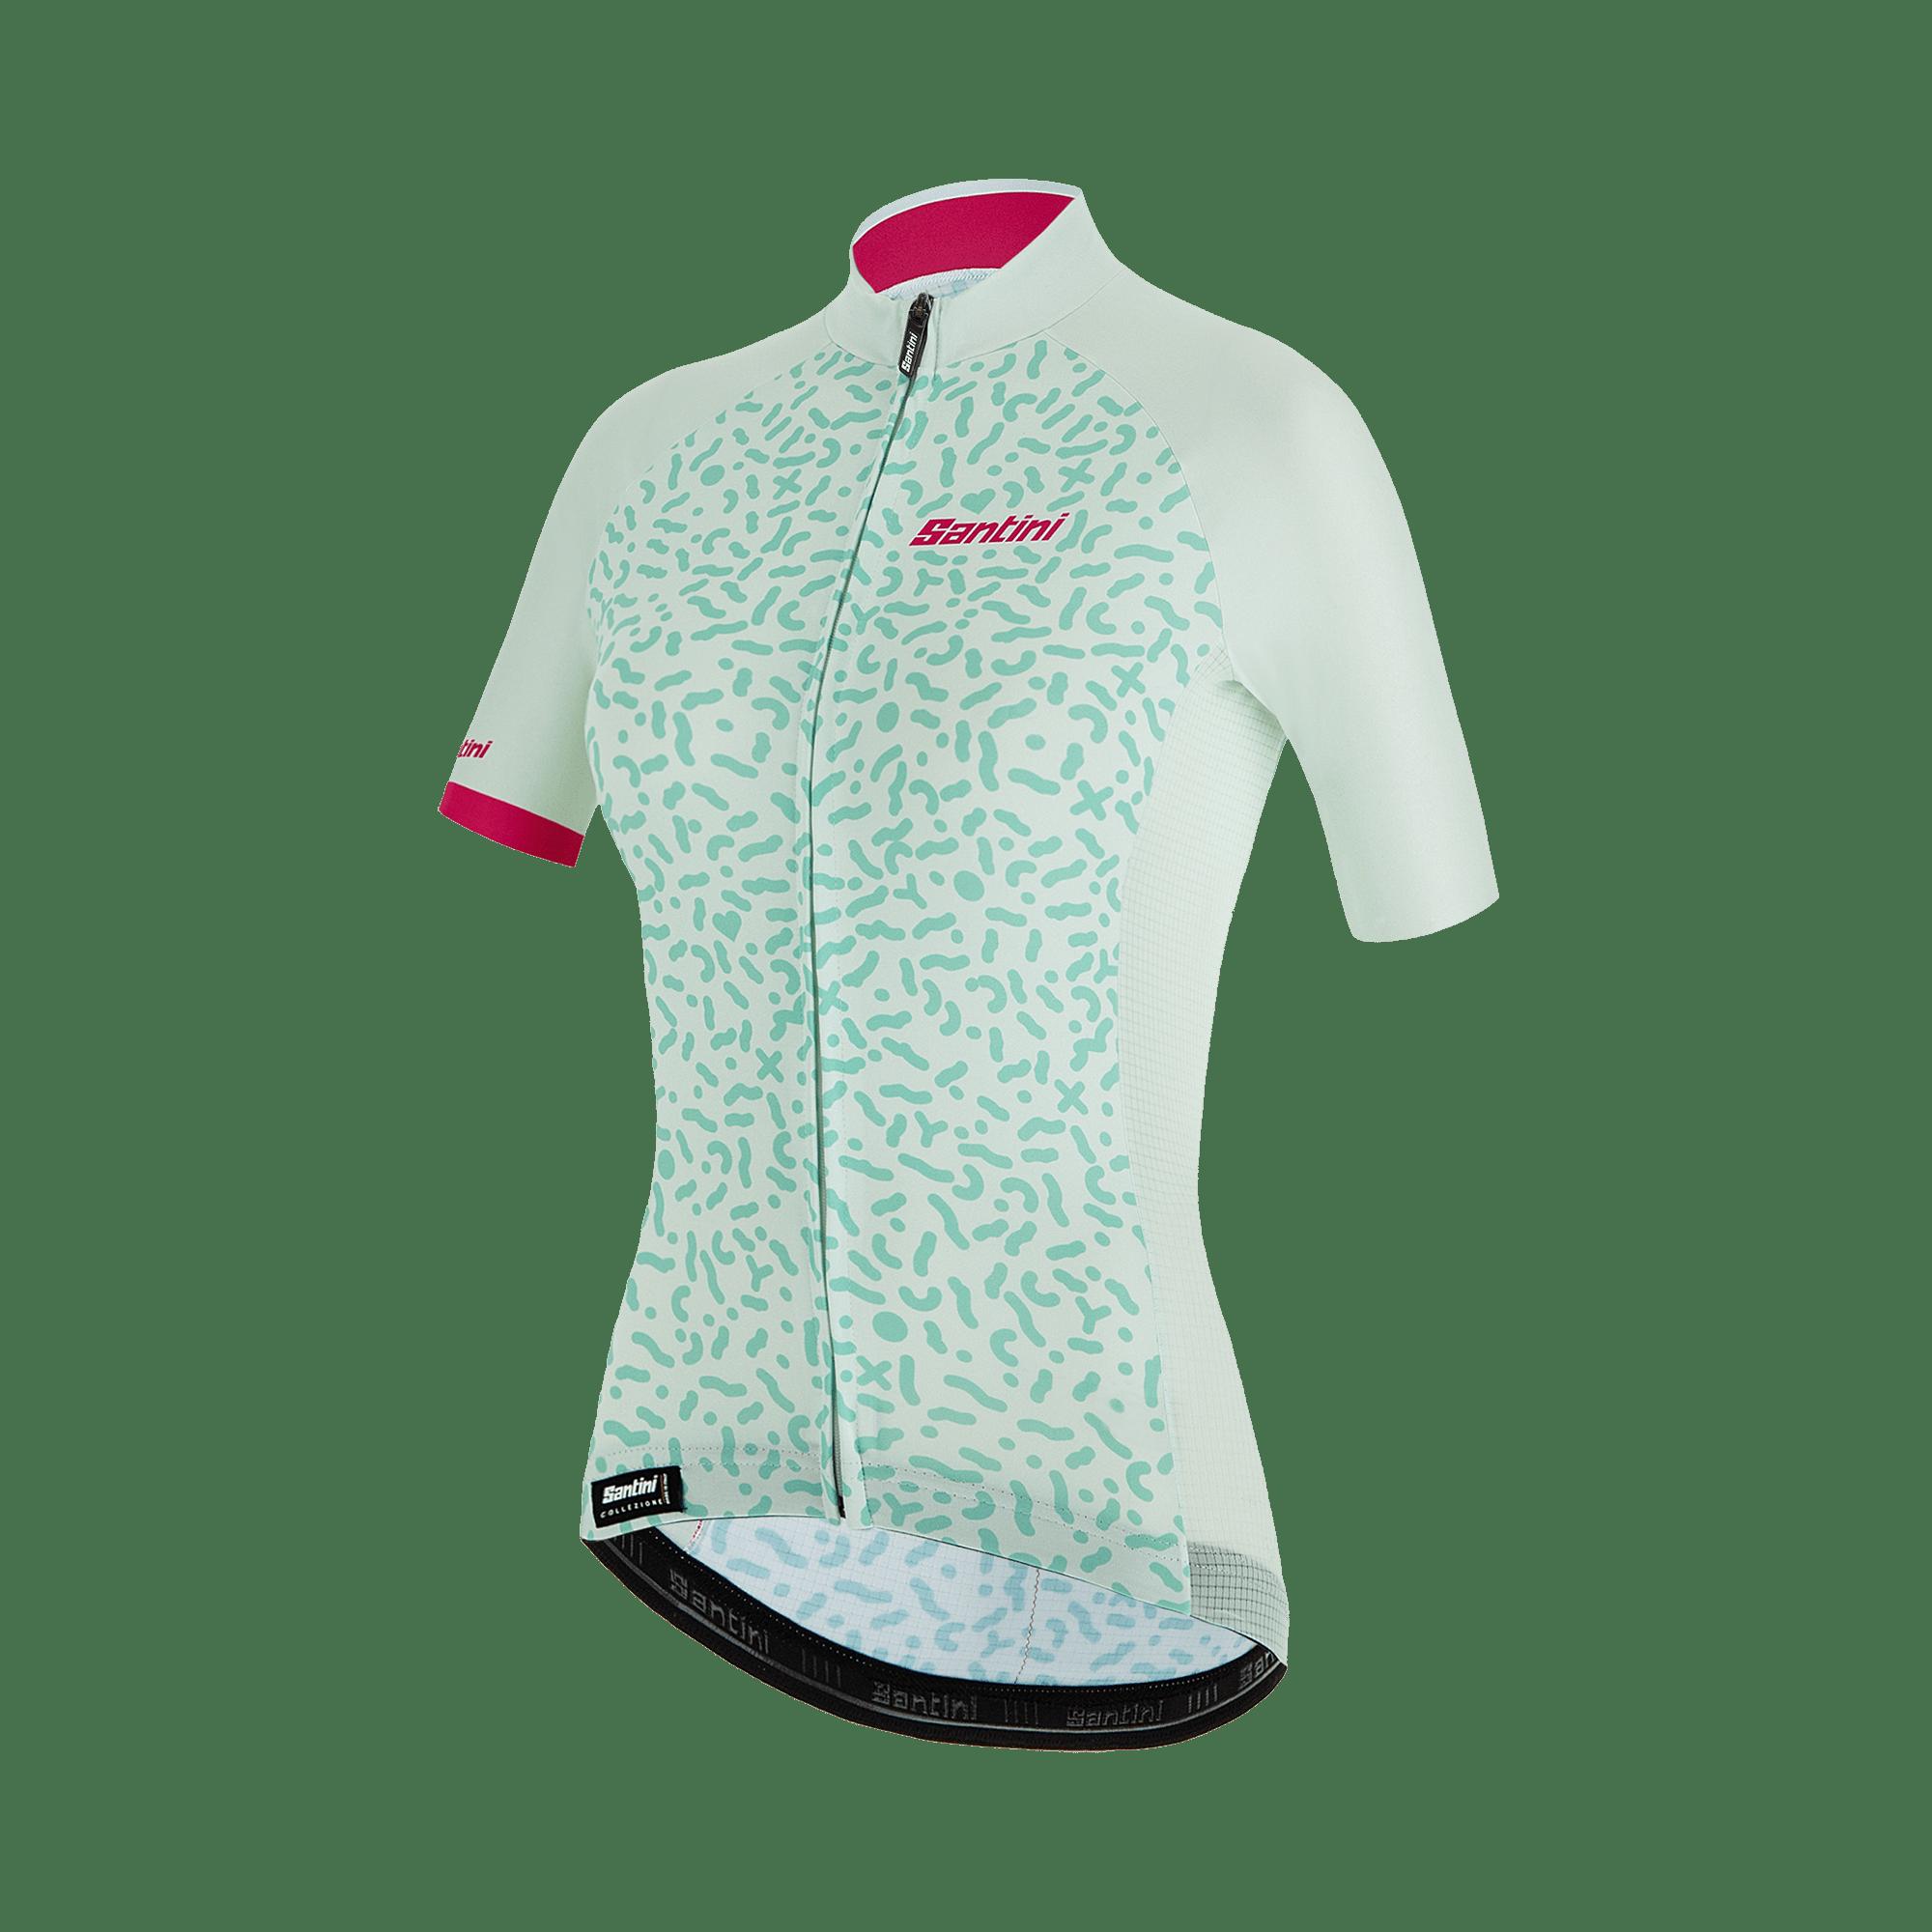 Tono Flusso Short Sleeve, cykeltrøje, dame, Hvid   cykeltrøje